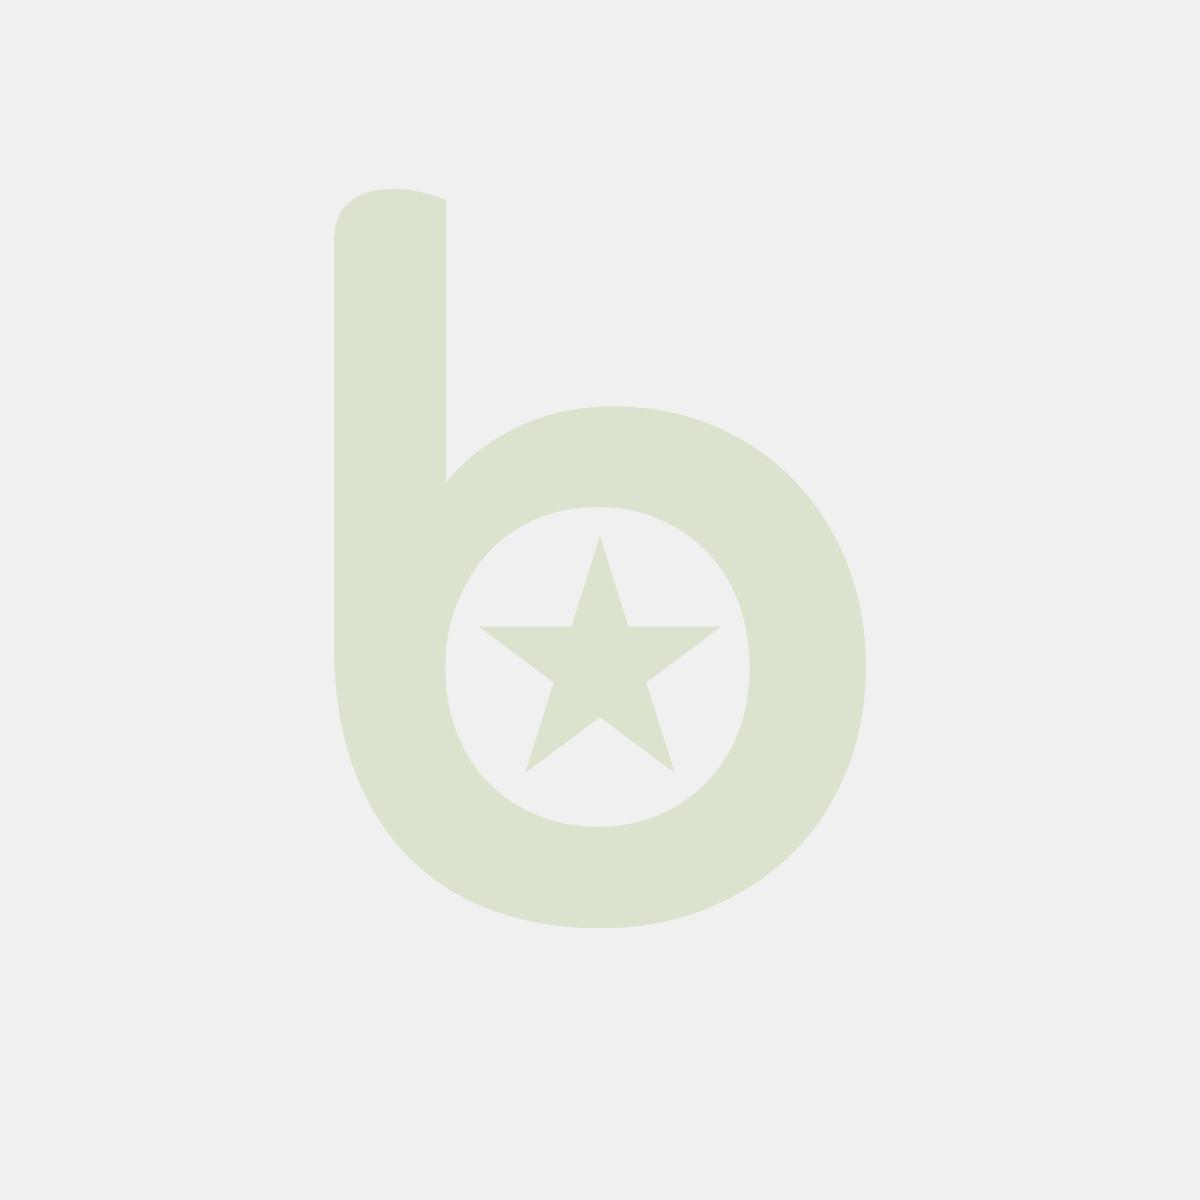 Akacja - skrzynka na sztućce i serwetki 4-komory, uchwyt, 26x15xh.11,7cm